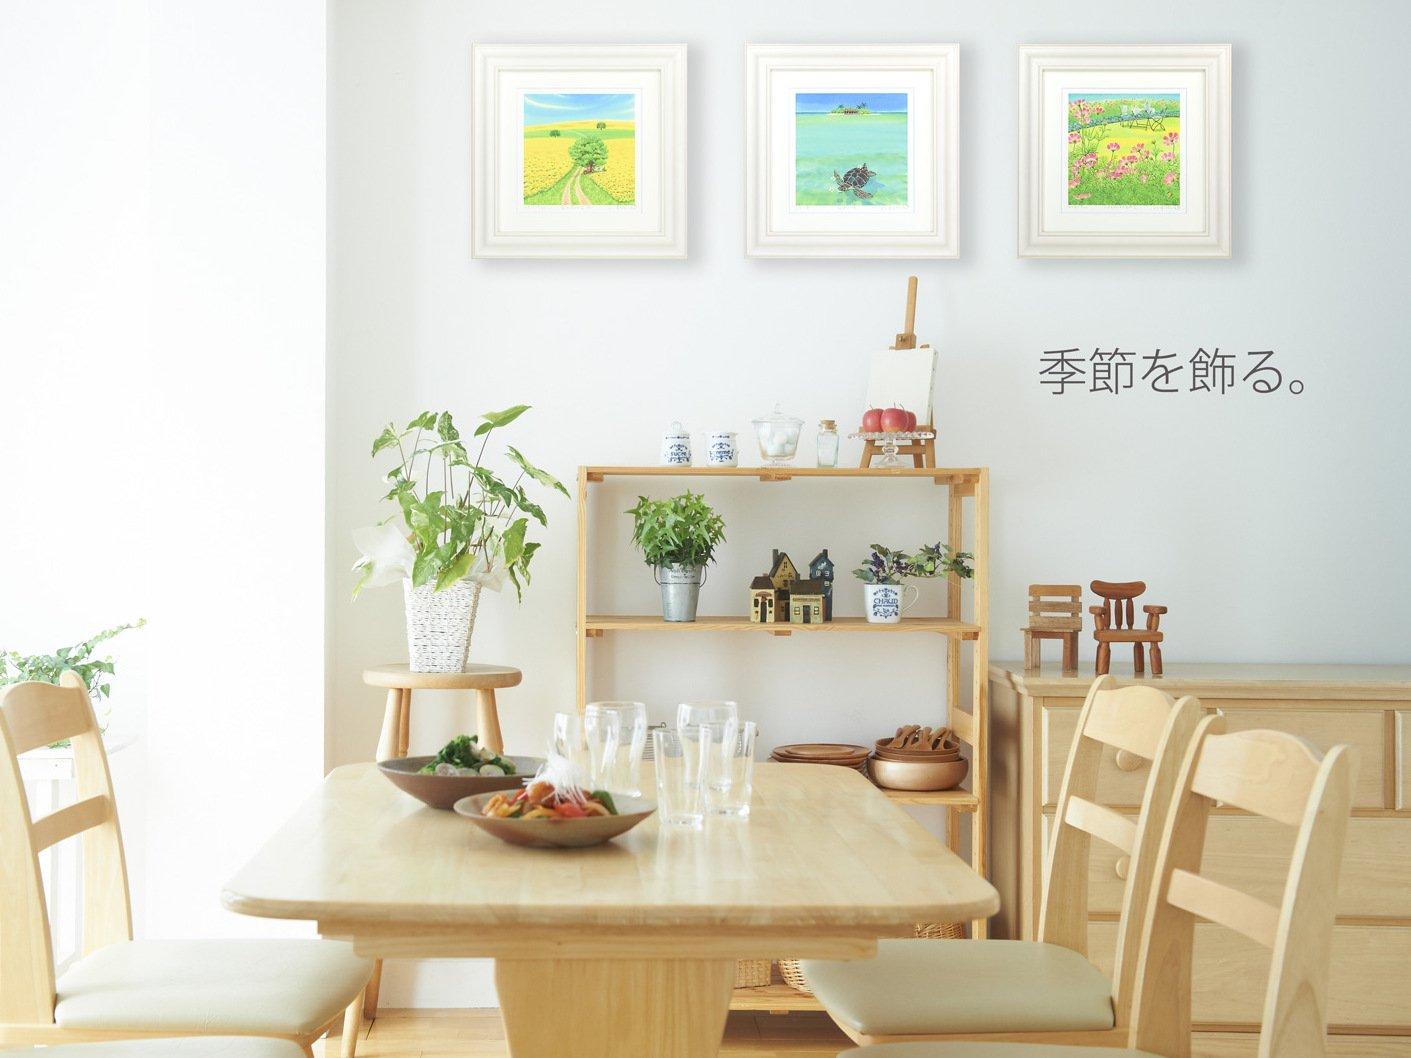 《絵画 水彩画》岬〔栗乃木ハルミ くりのきはるみ 〕